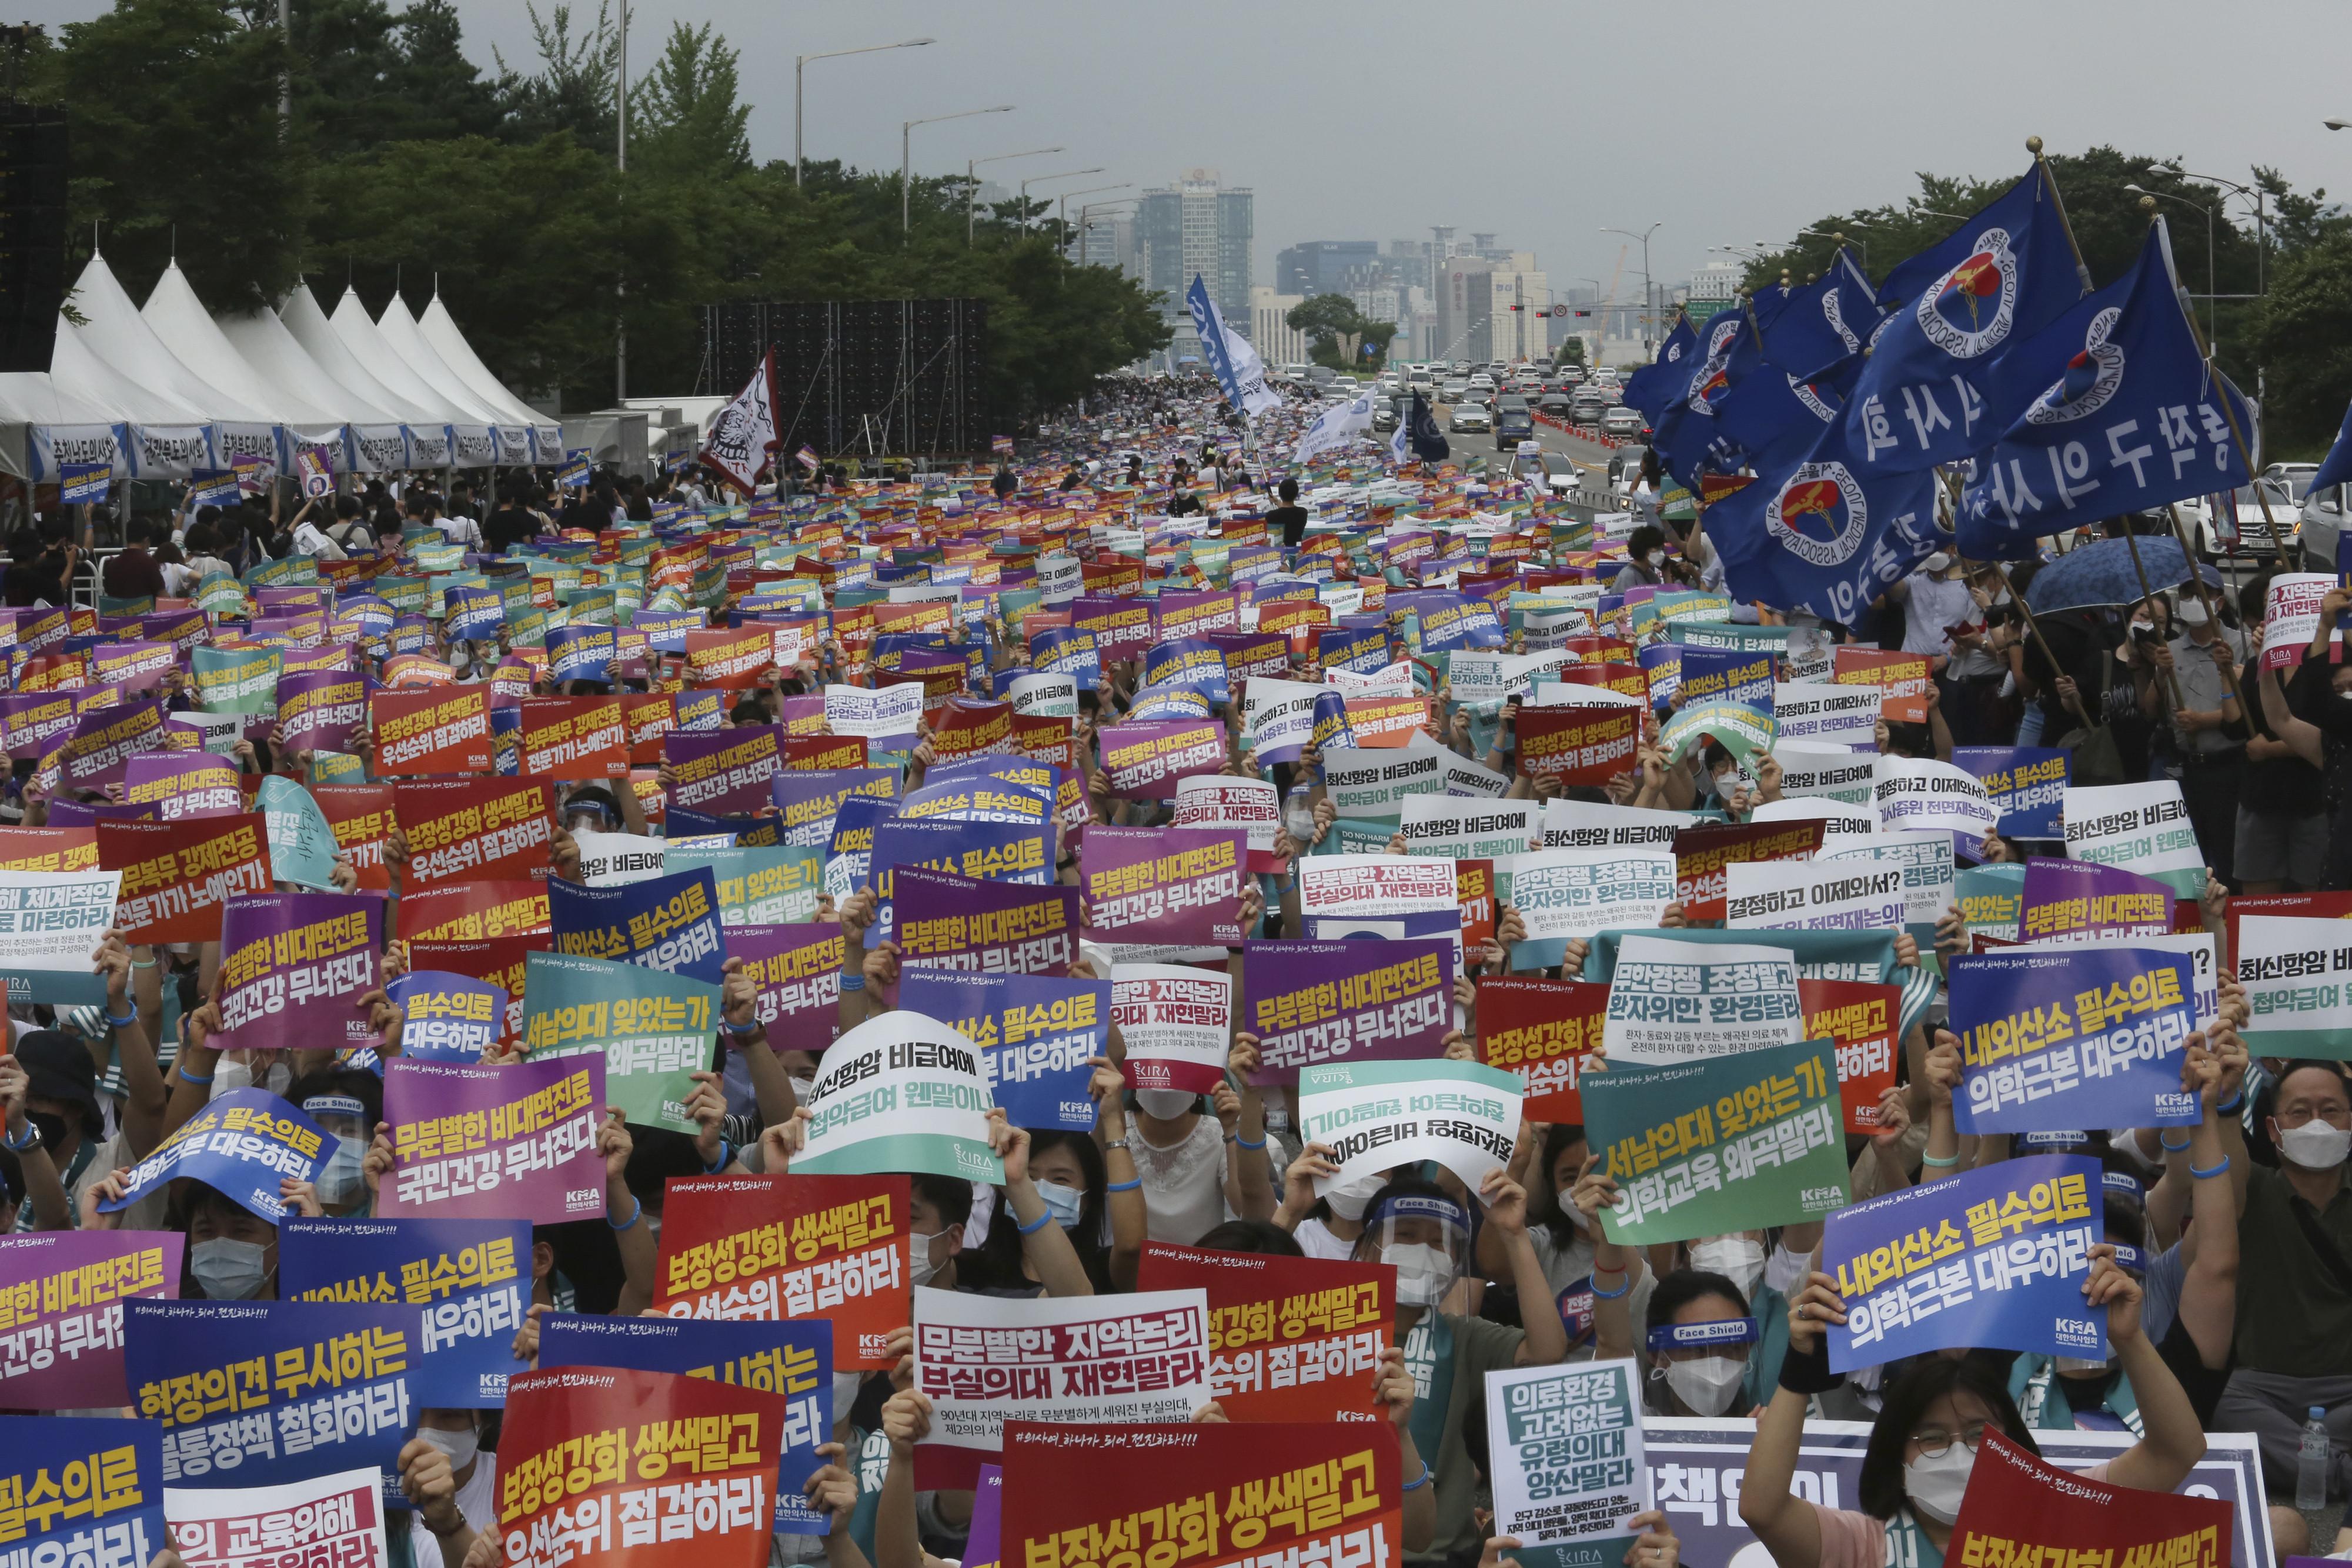 ▲▼南韓醫界不滿文在寅政府的政策,宣布發起罷工。(圖/達志影像/美聯社)